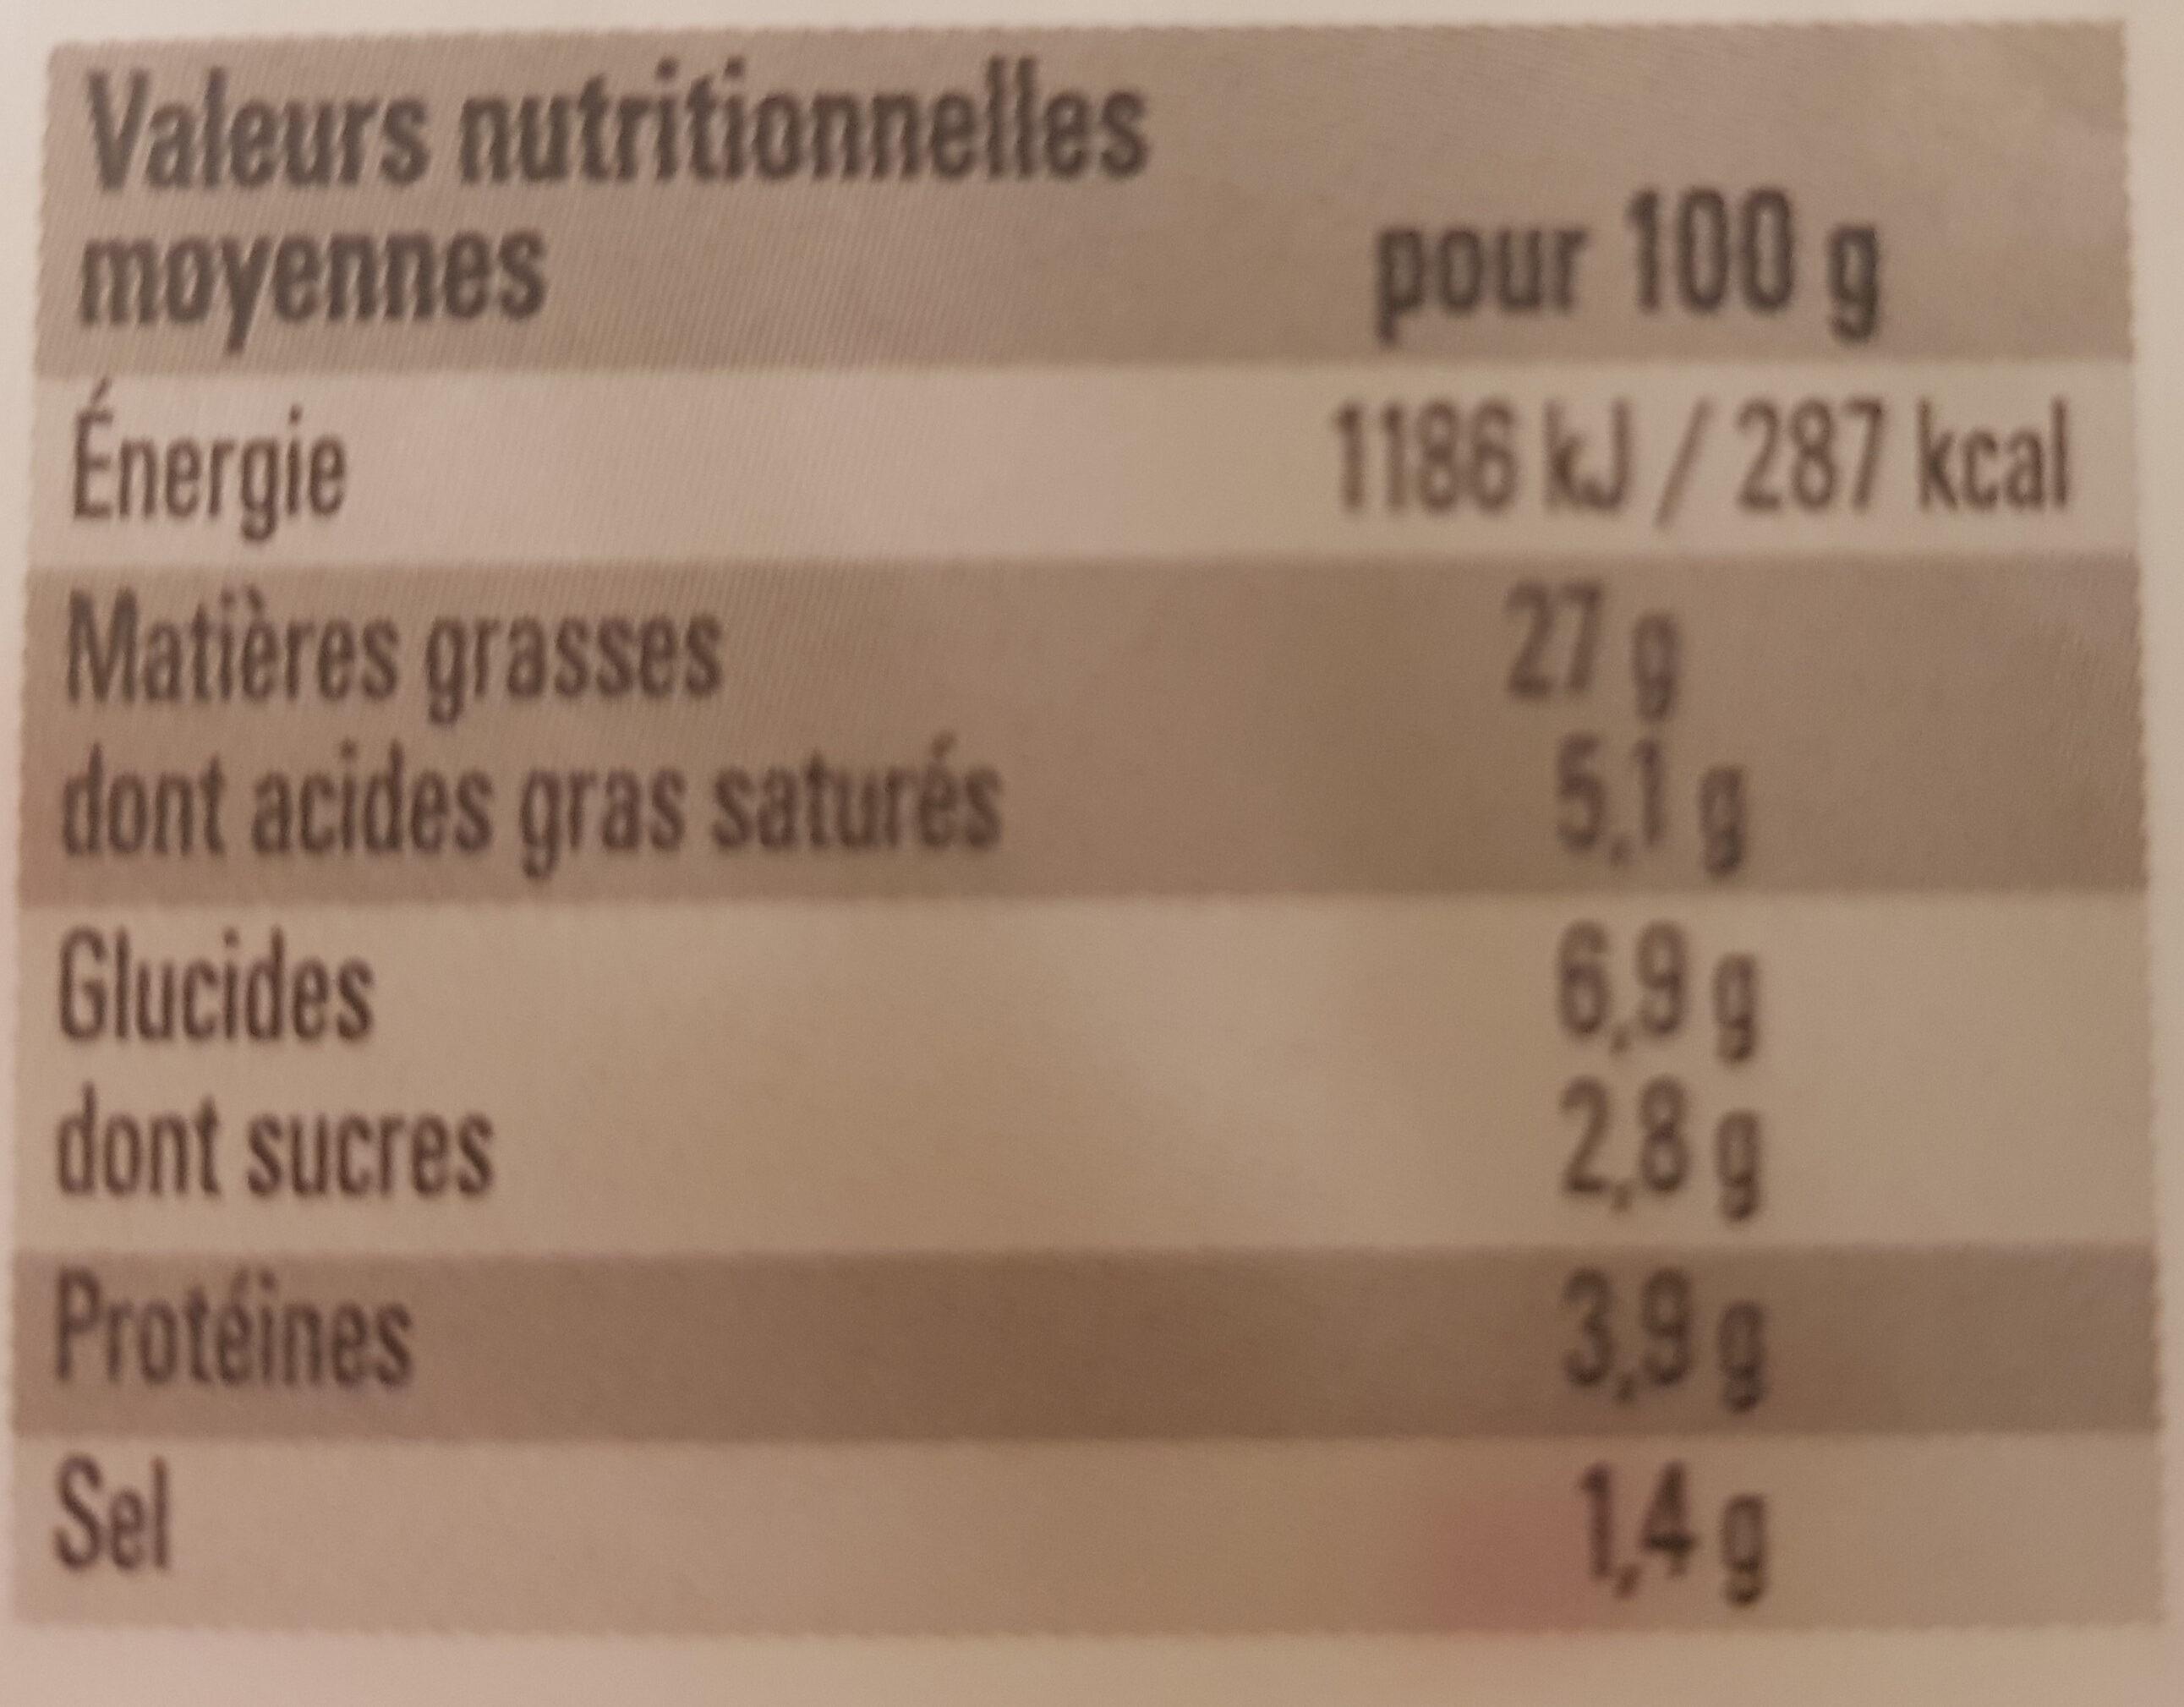 Salade a l'italienne aux cornichons - Informations nutritionnelles